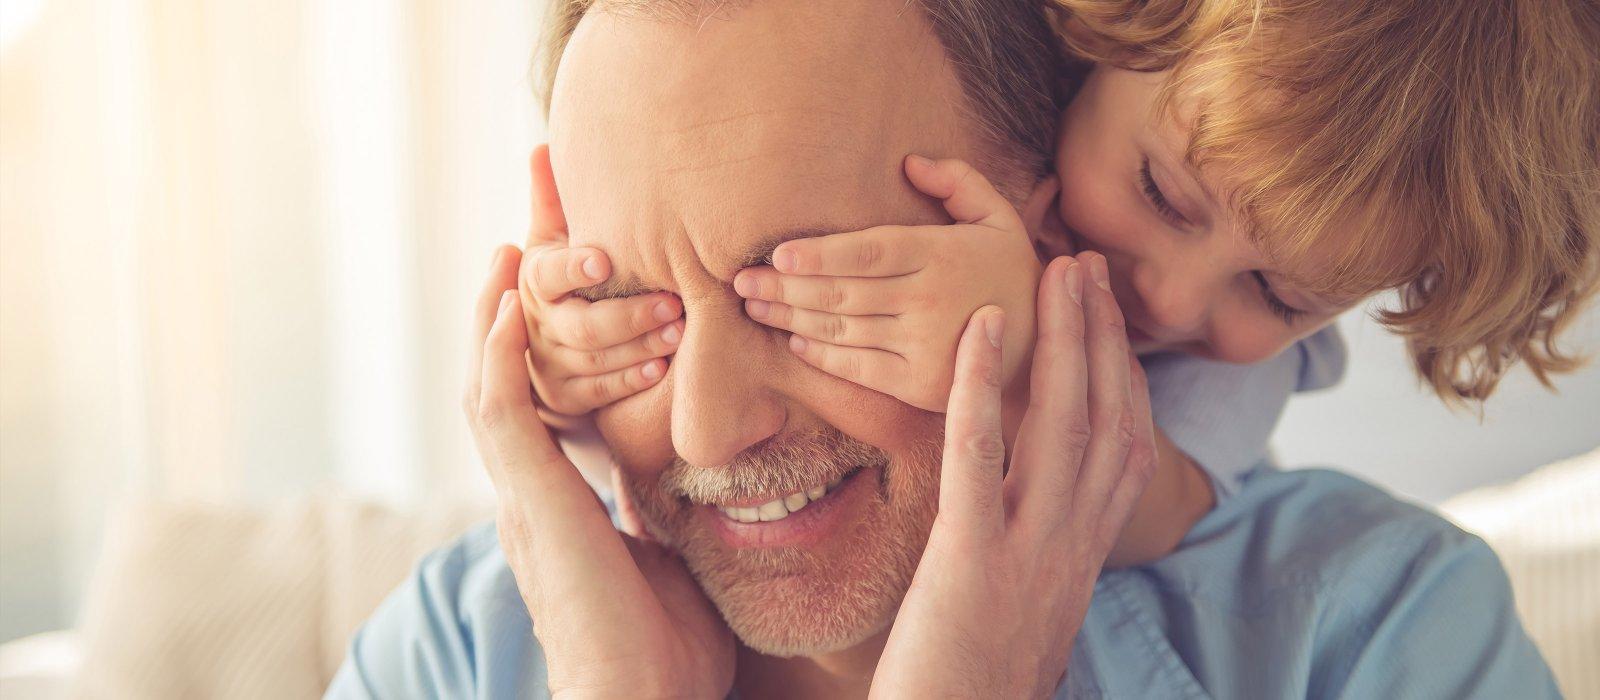 Augenarzt Sehen und Auge